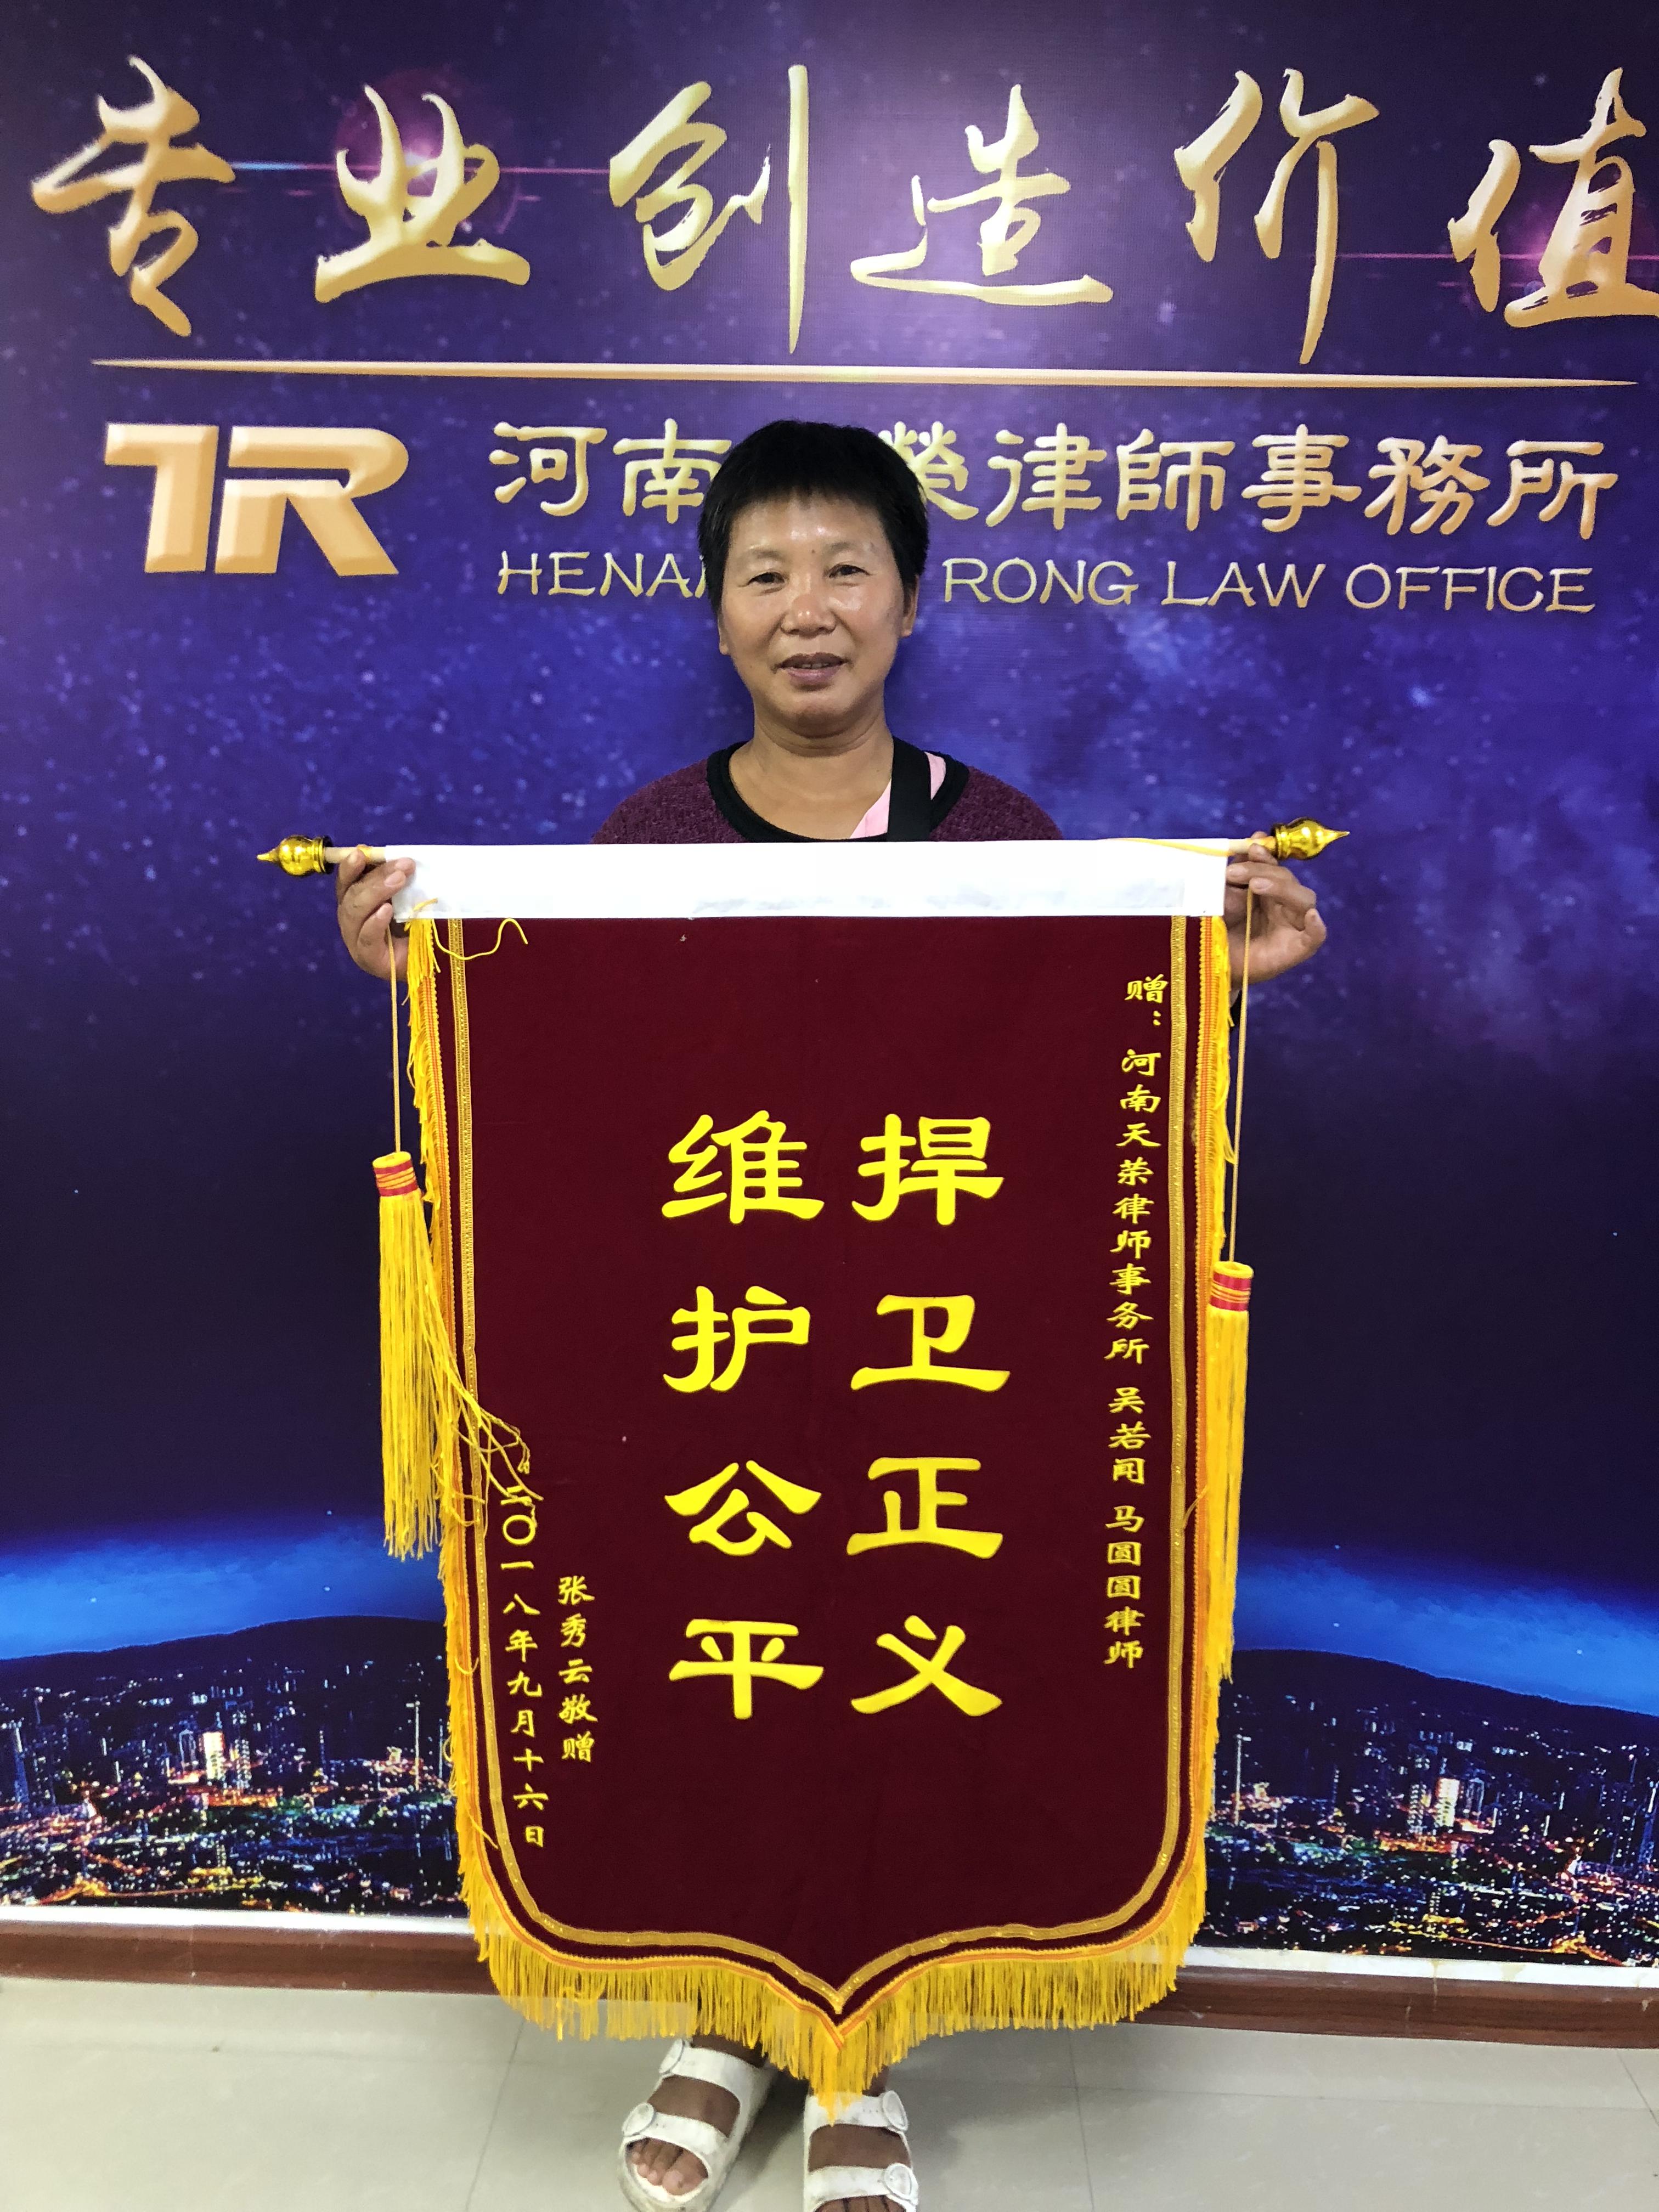 天荣郑州房产律师收获当事人送锦旗